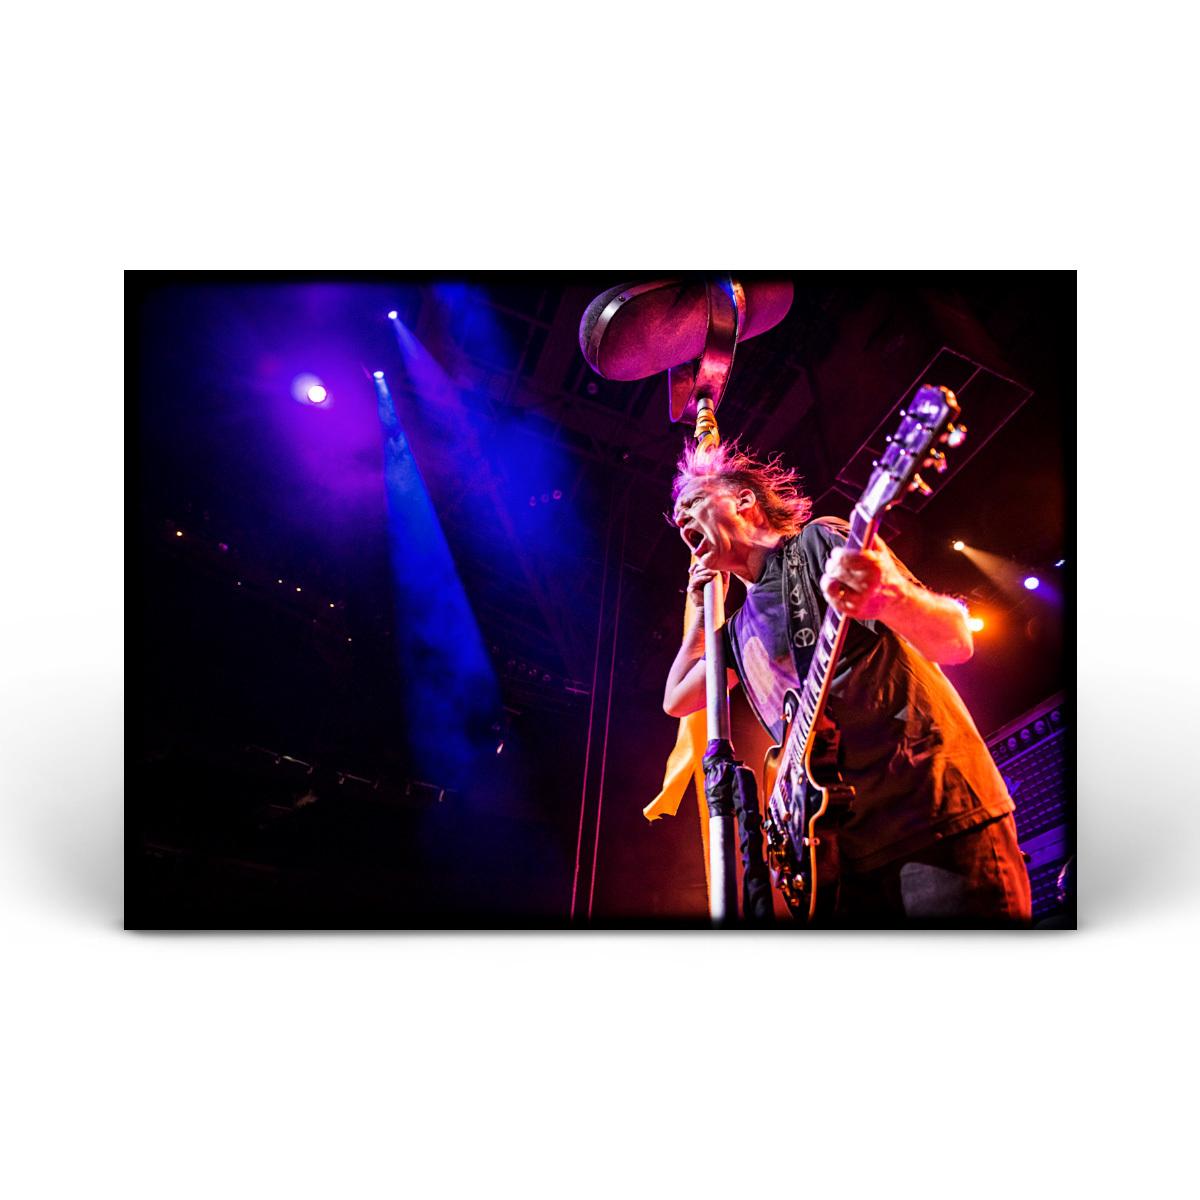 Neil Young - Seattle, WA 2012